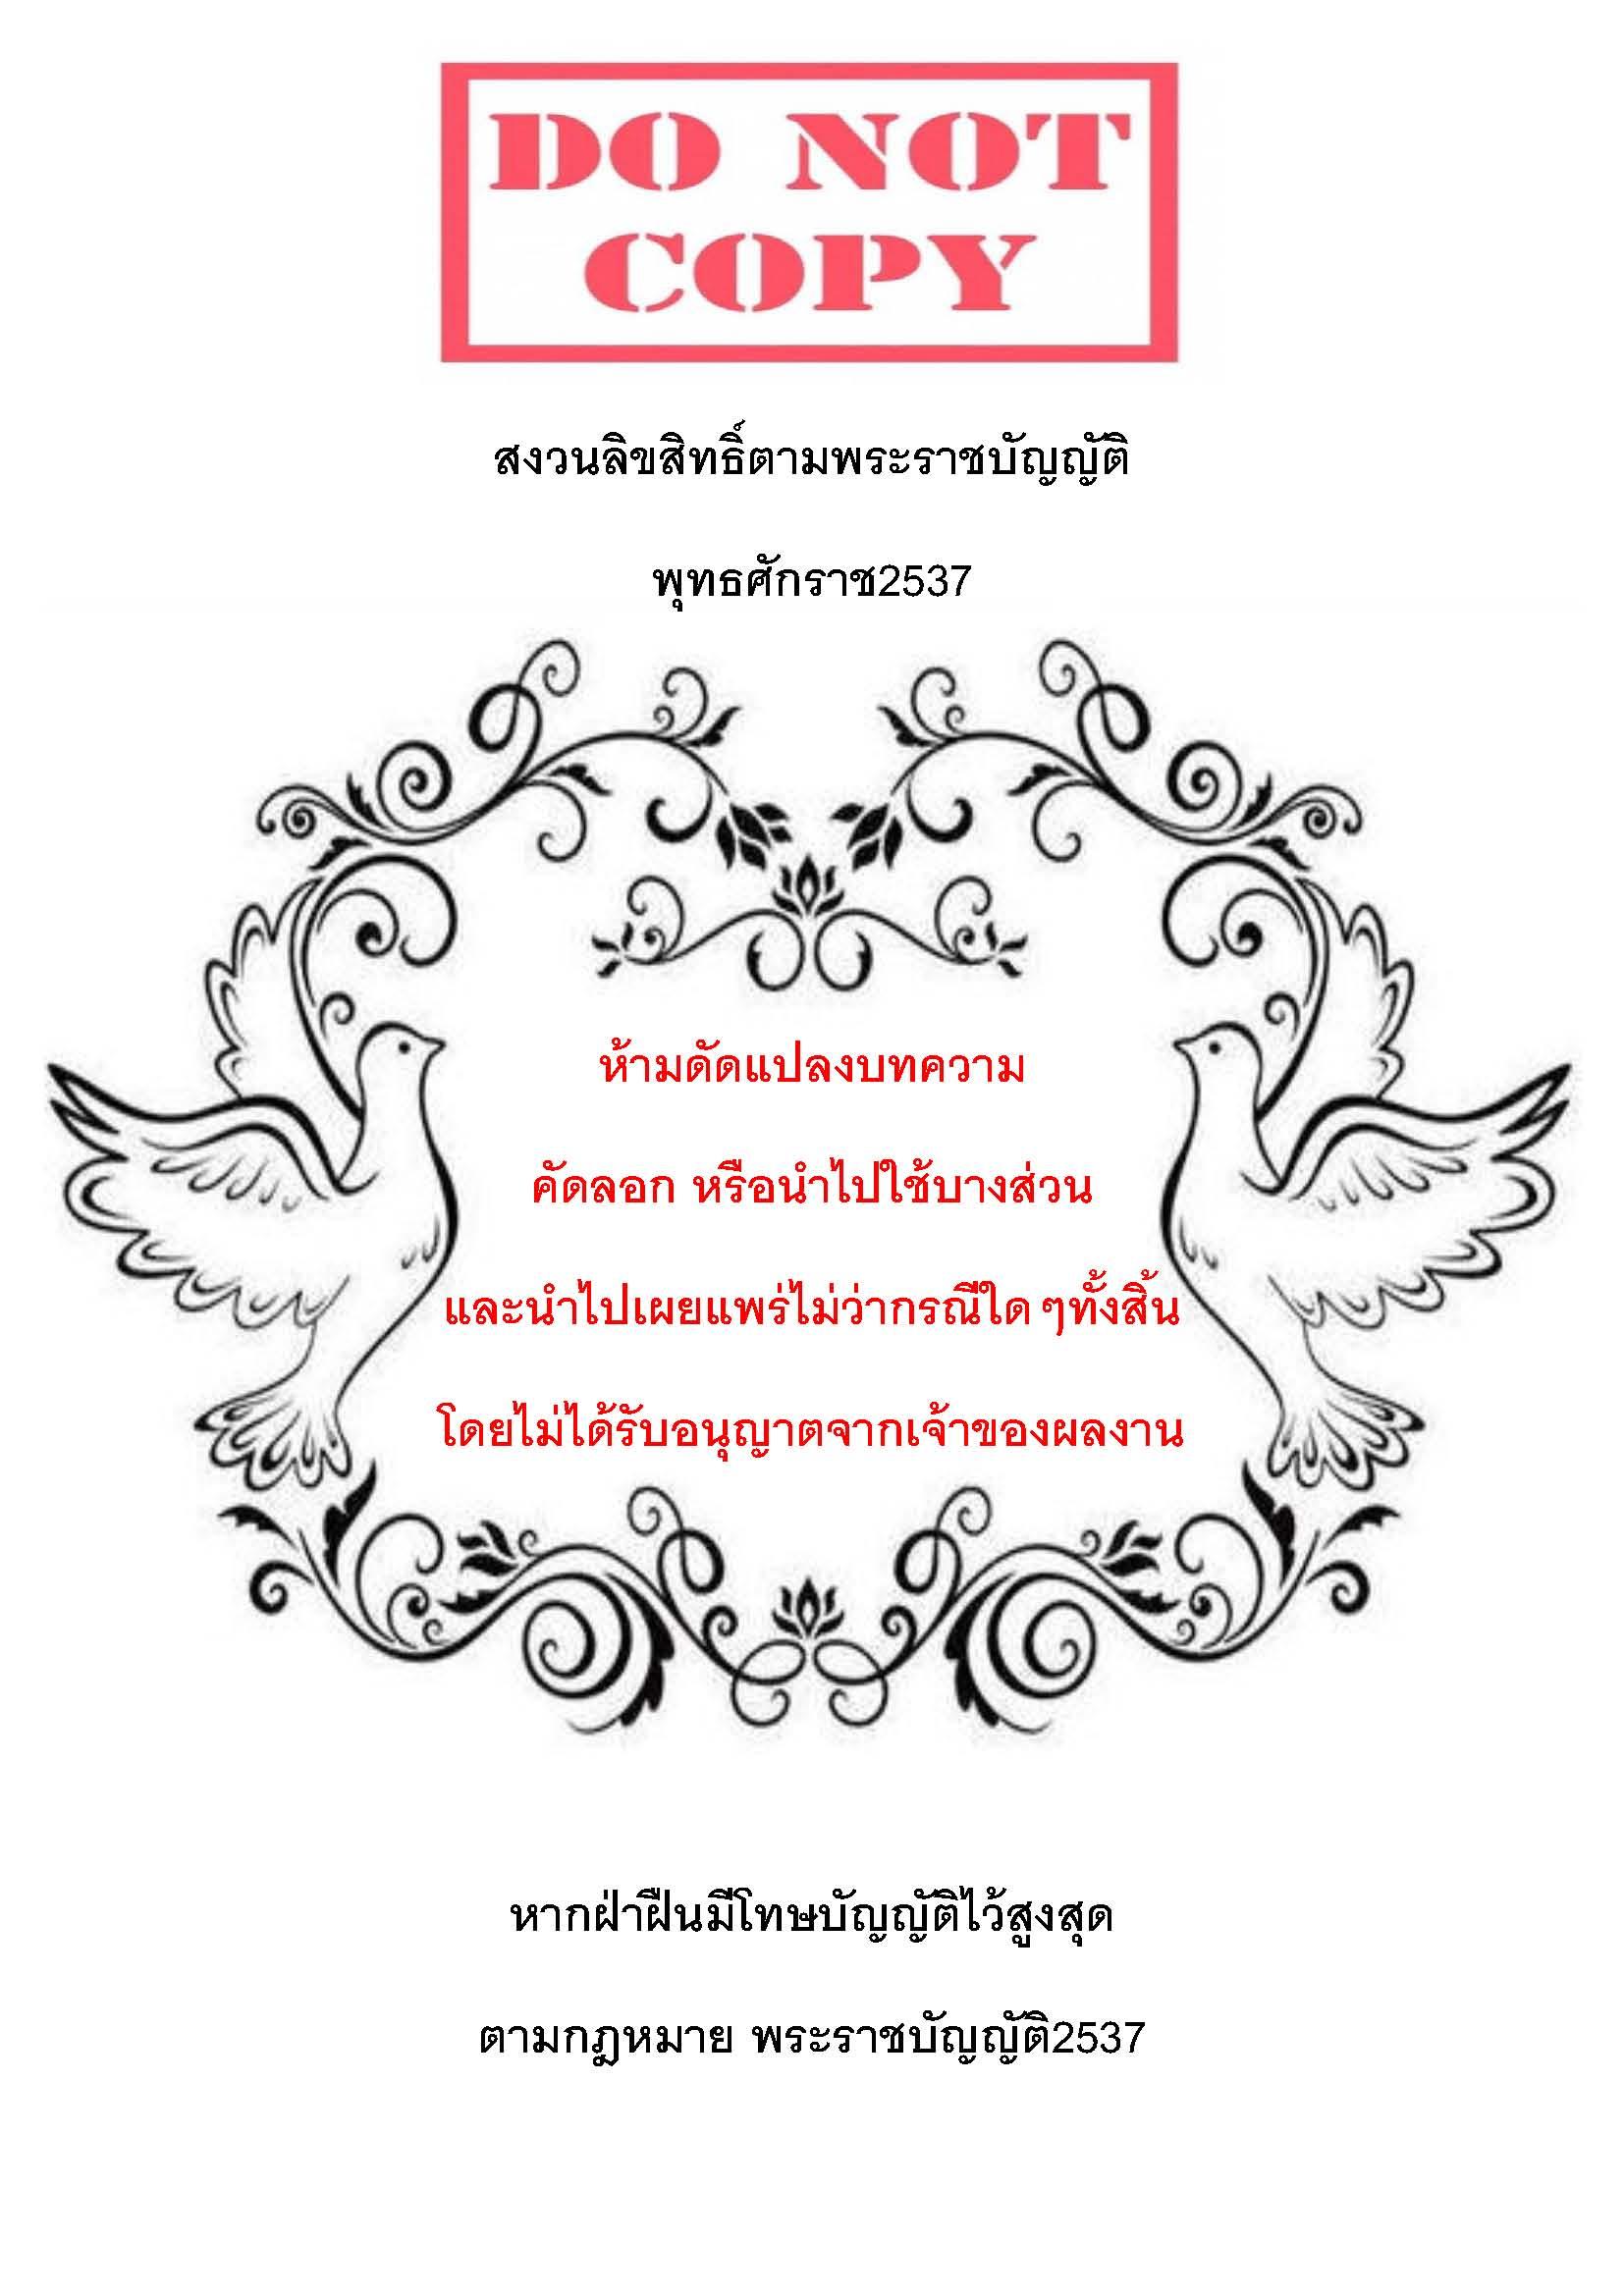 http://cdn-th.tunwalai.net/files/member/2567518/7401017-member.jpg